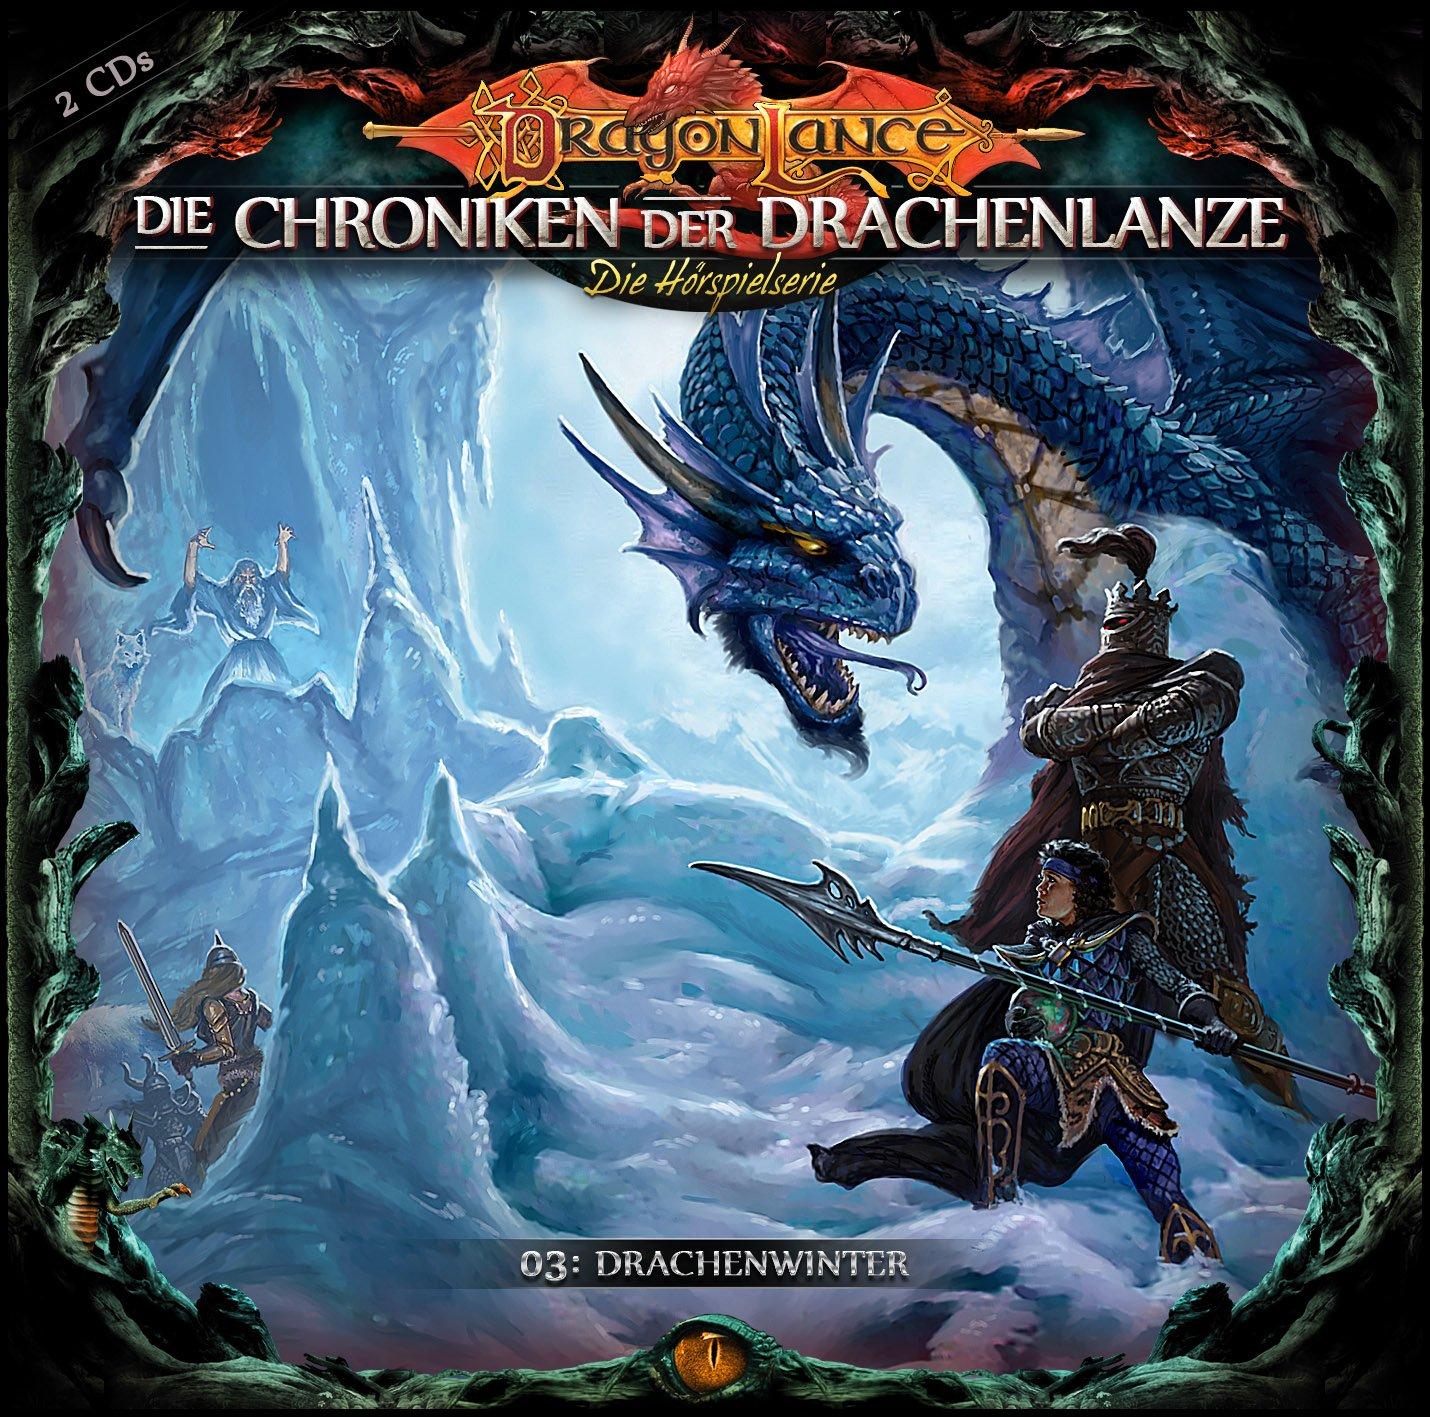 Die Chronik der Drachenlanze (3) Drachenwinter (Holysoft)